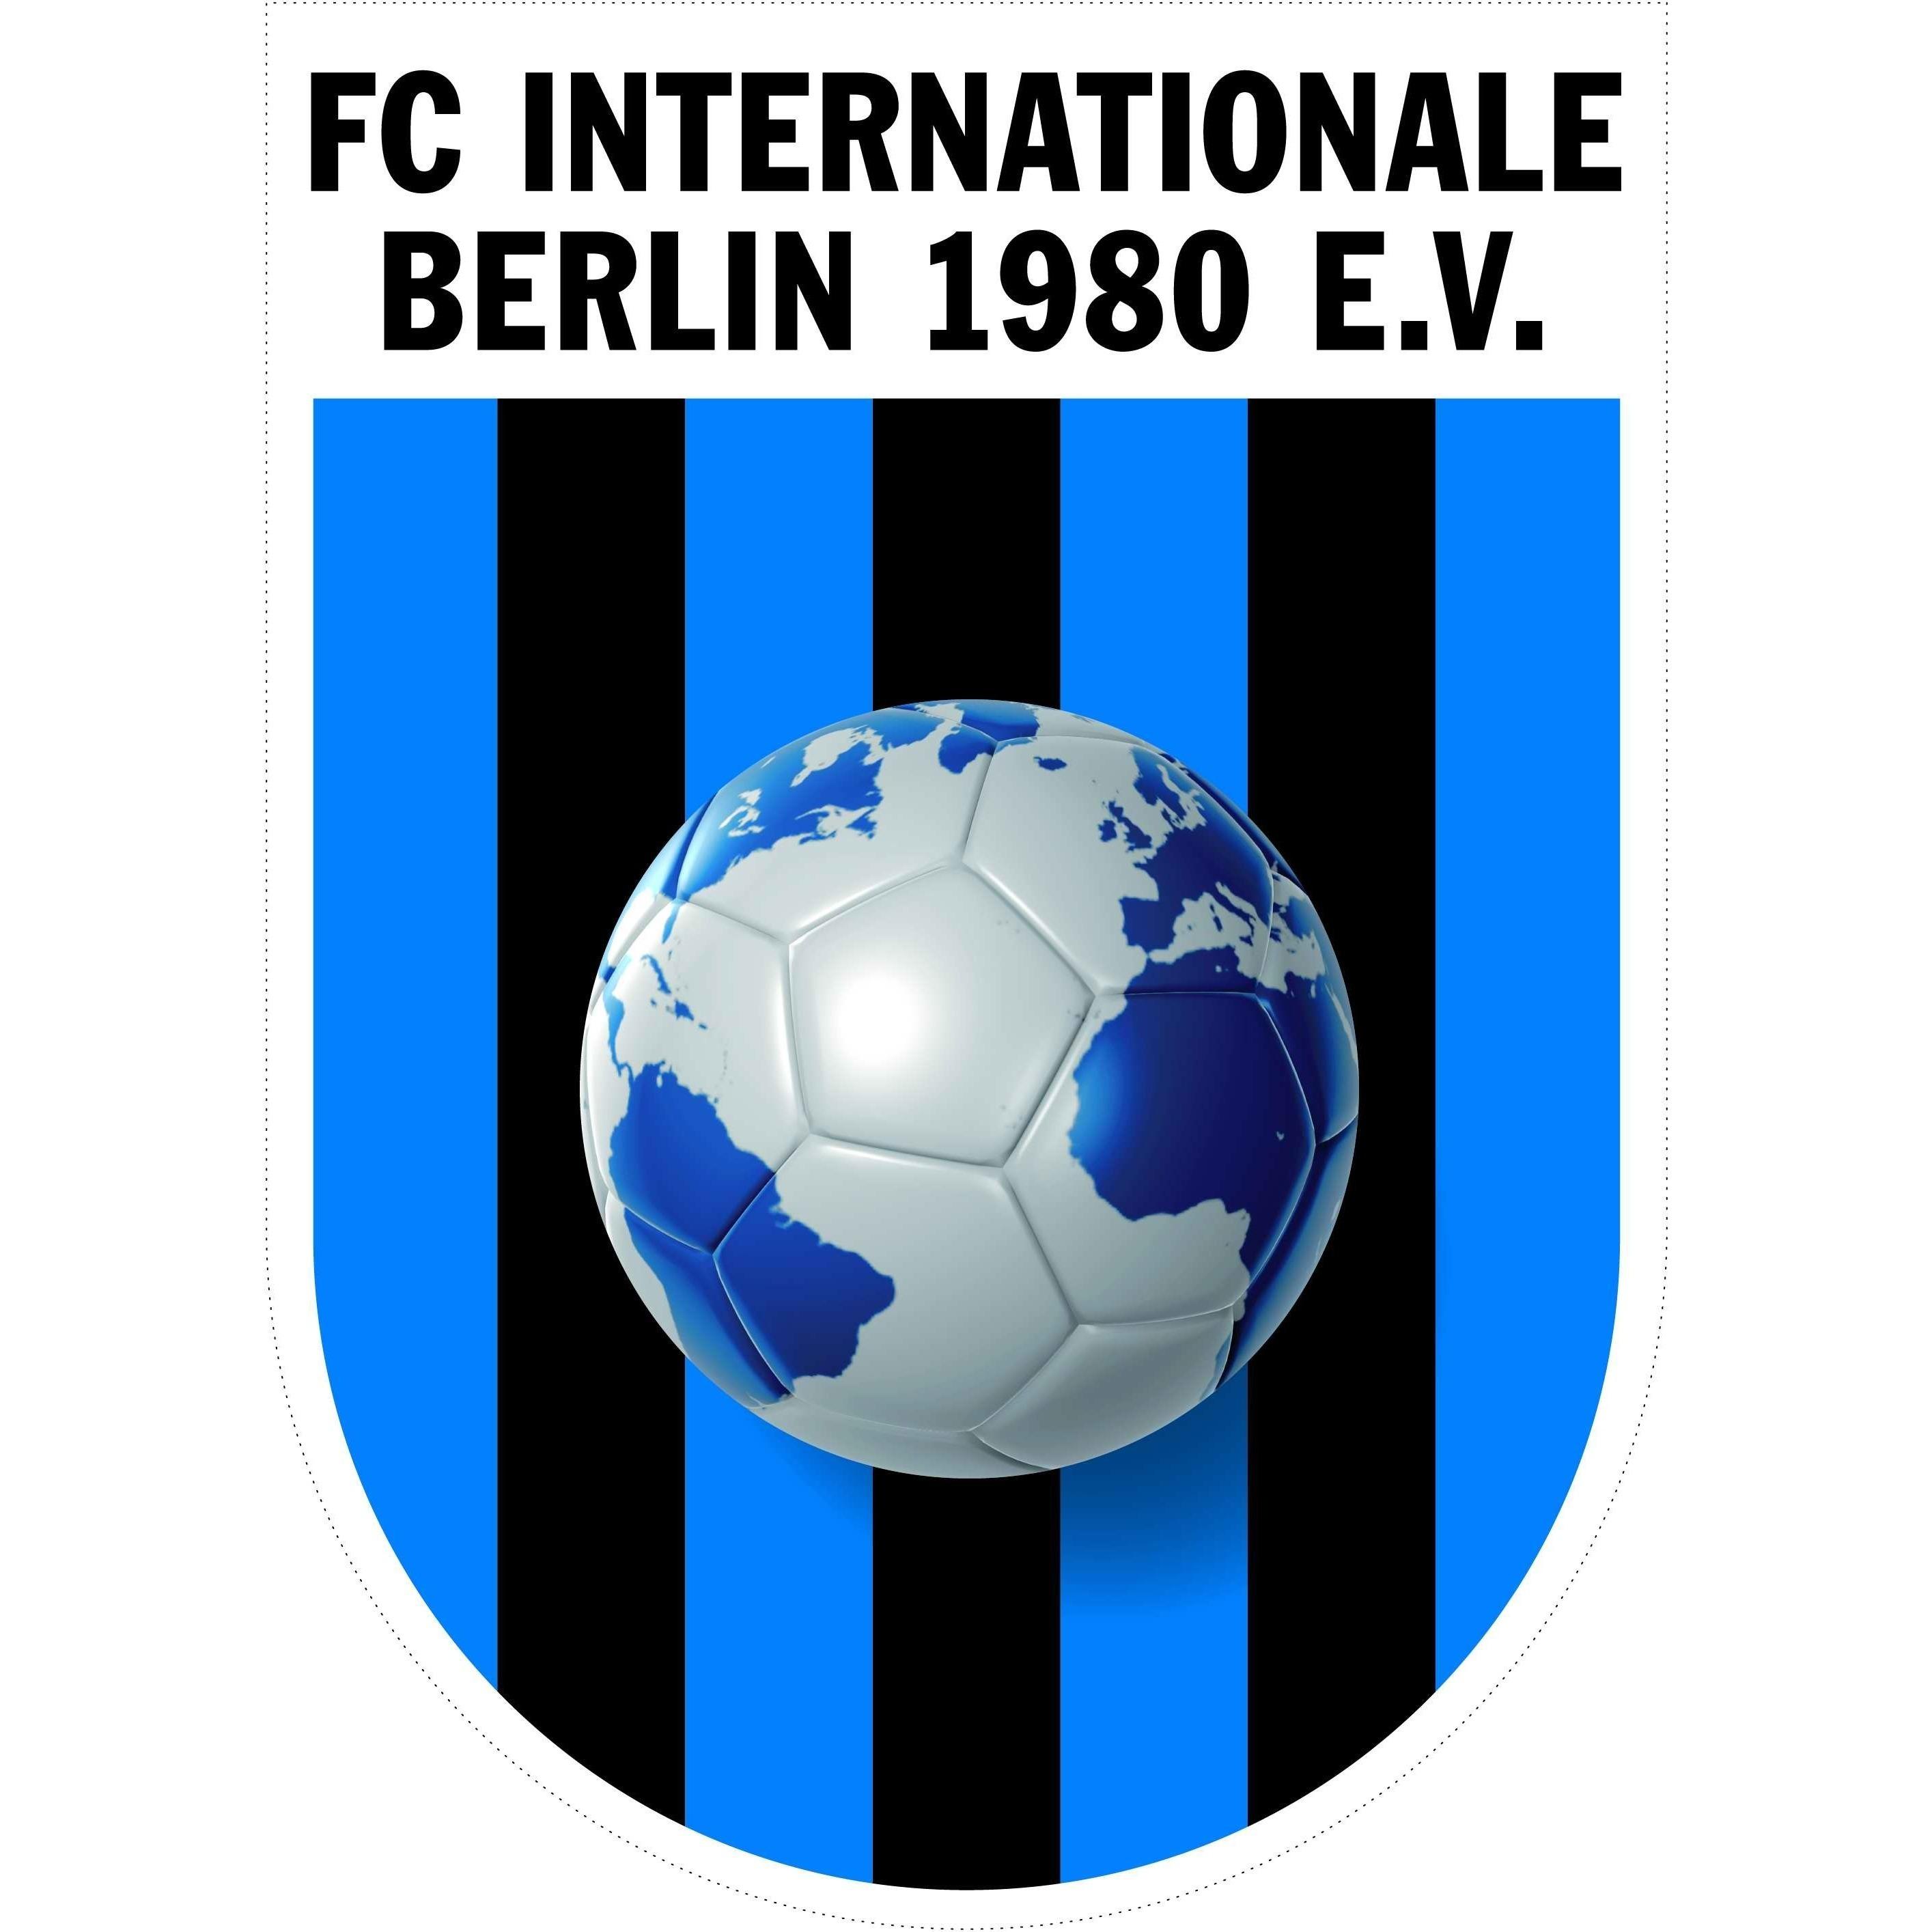 So Wollen Wir Wohnen Bw: FC Internationale Berlin 1980 E.V.: Spende Für Unsere